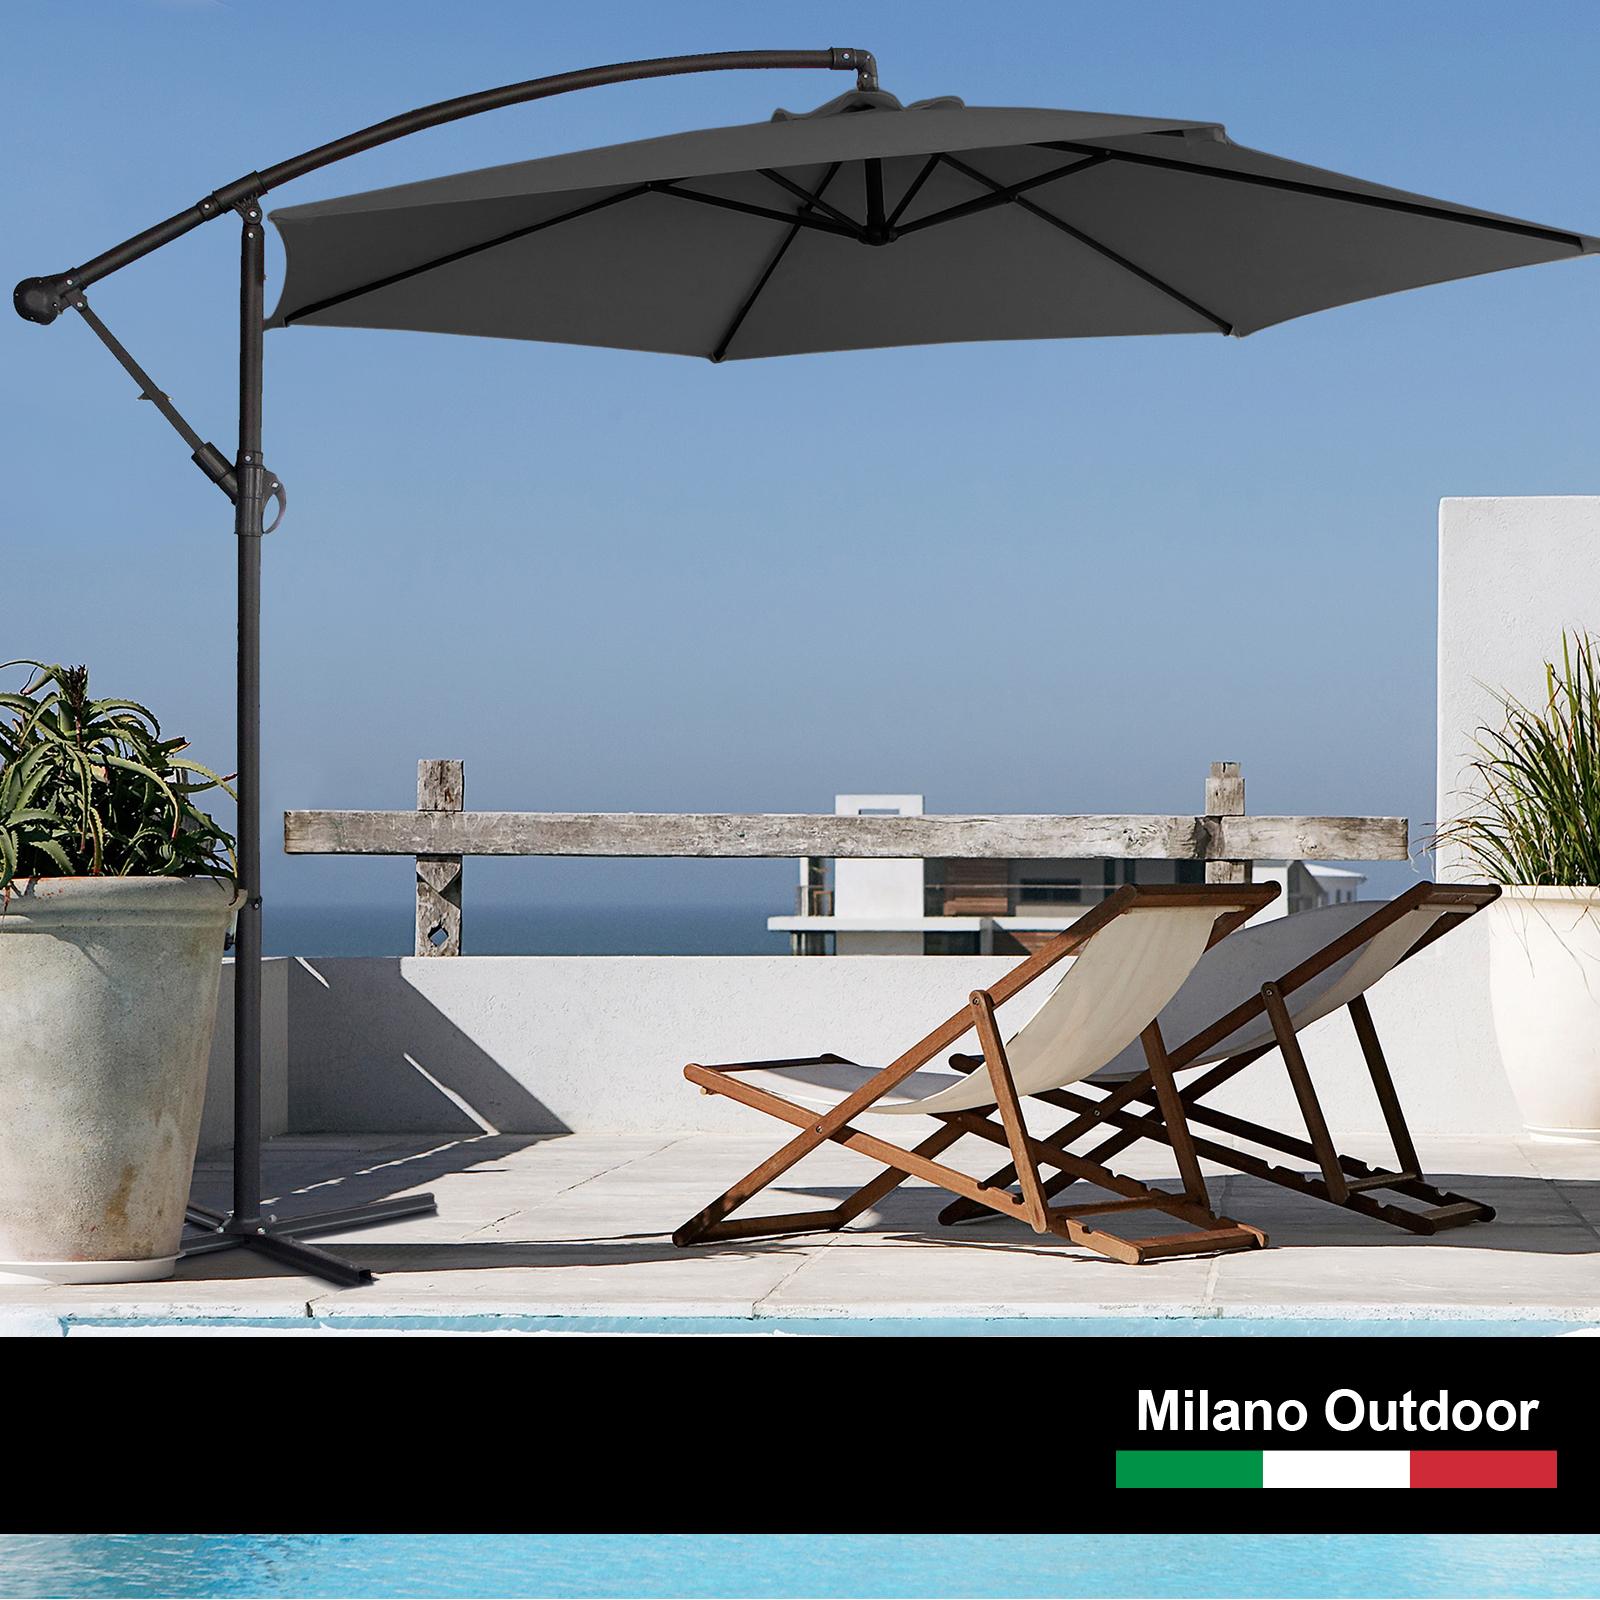 thumbnail 29 - Milano Outdoor 3 Metre Cantilever Umbrella UV Sunshade Garden Patio Deck